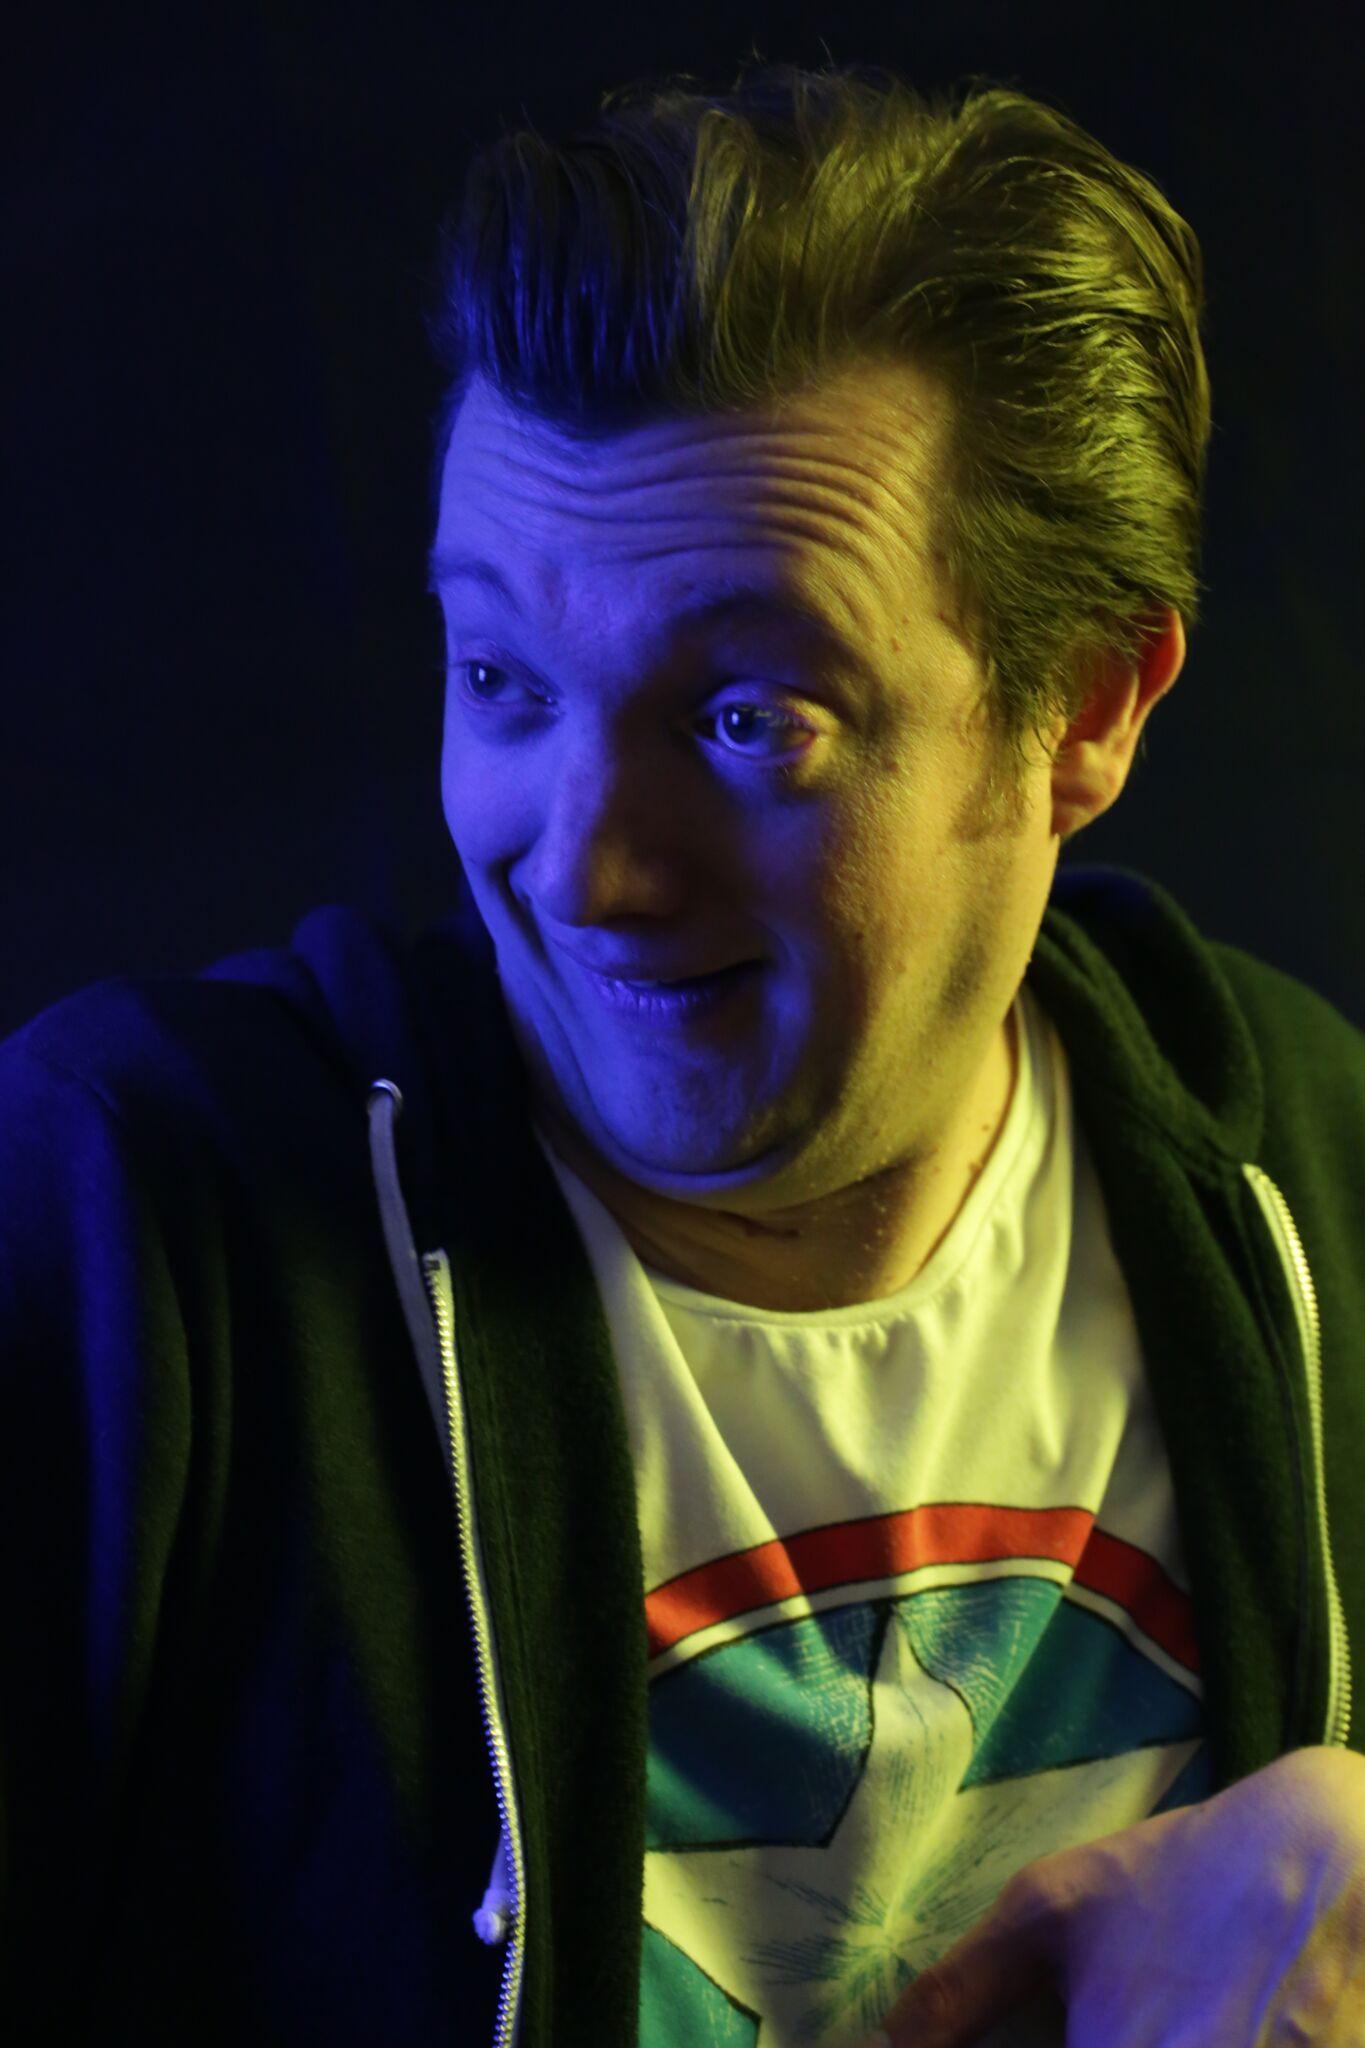 Pin by Richard Jackson on Trailer Moodboard Joker